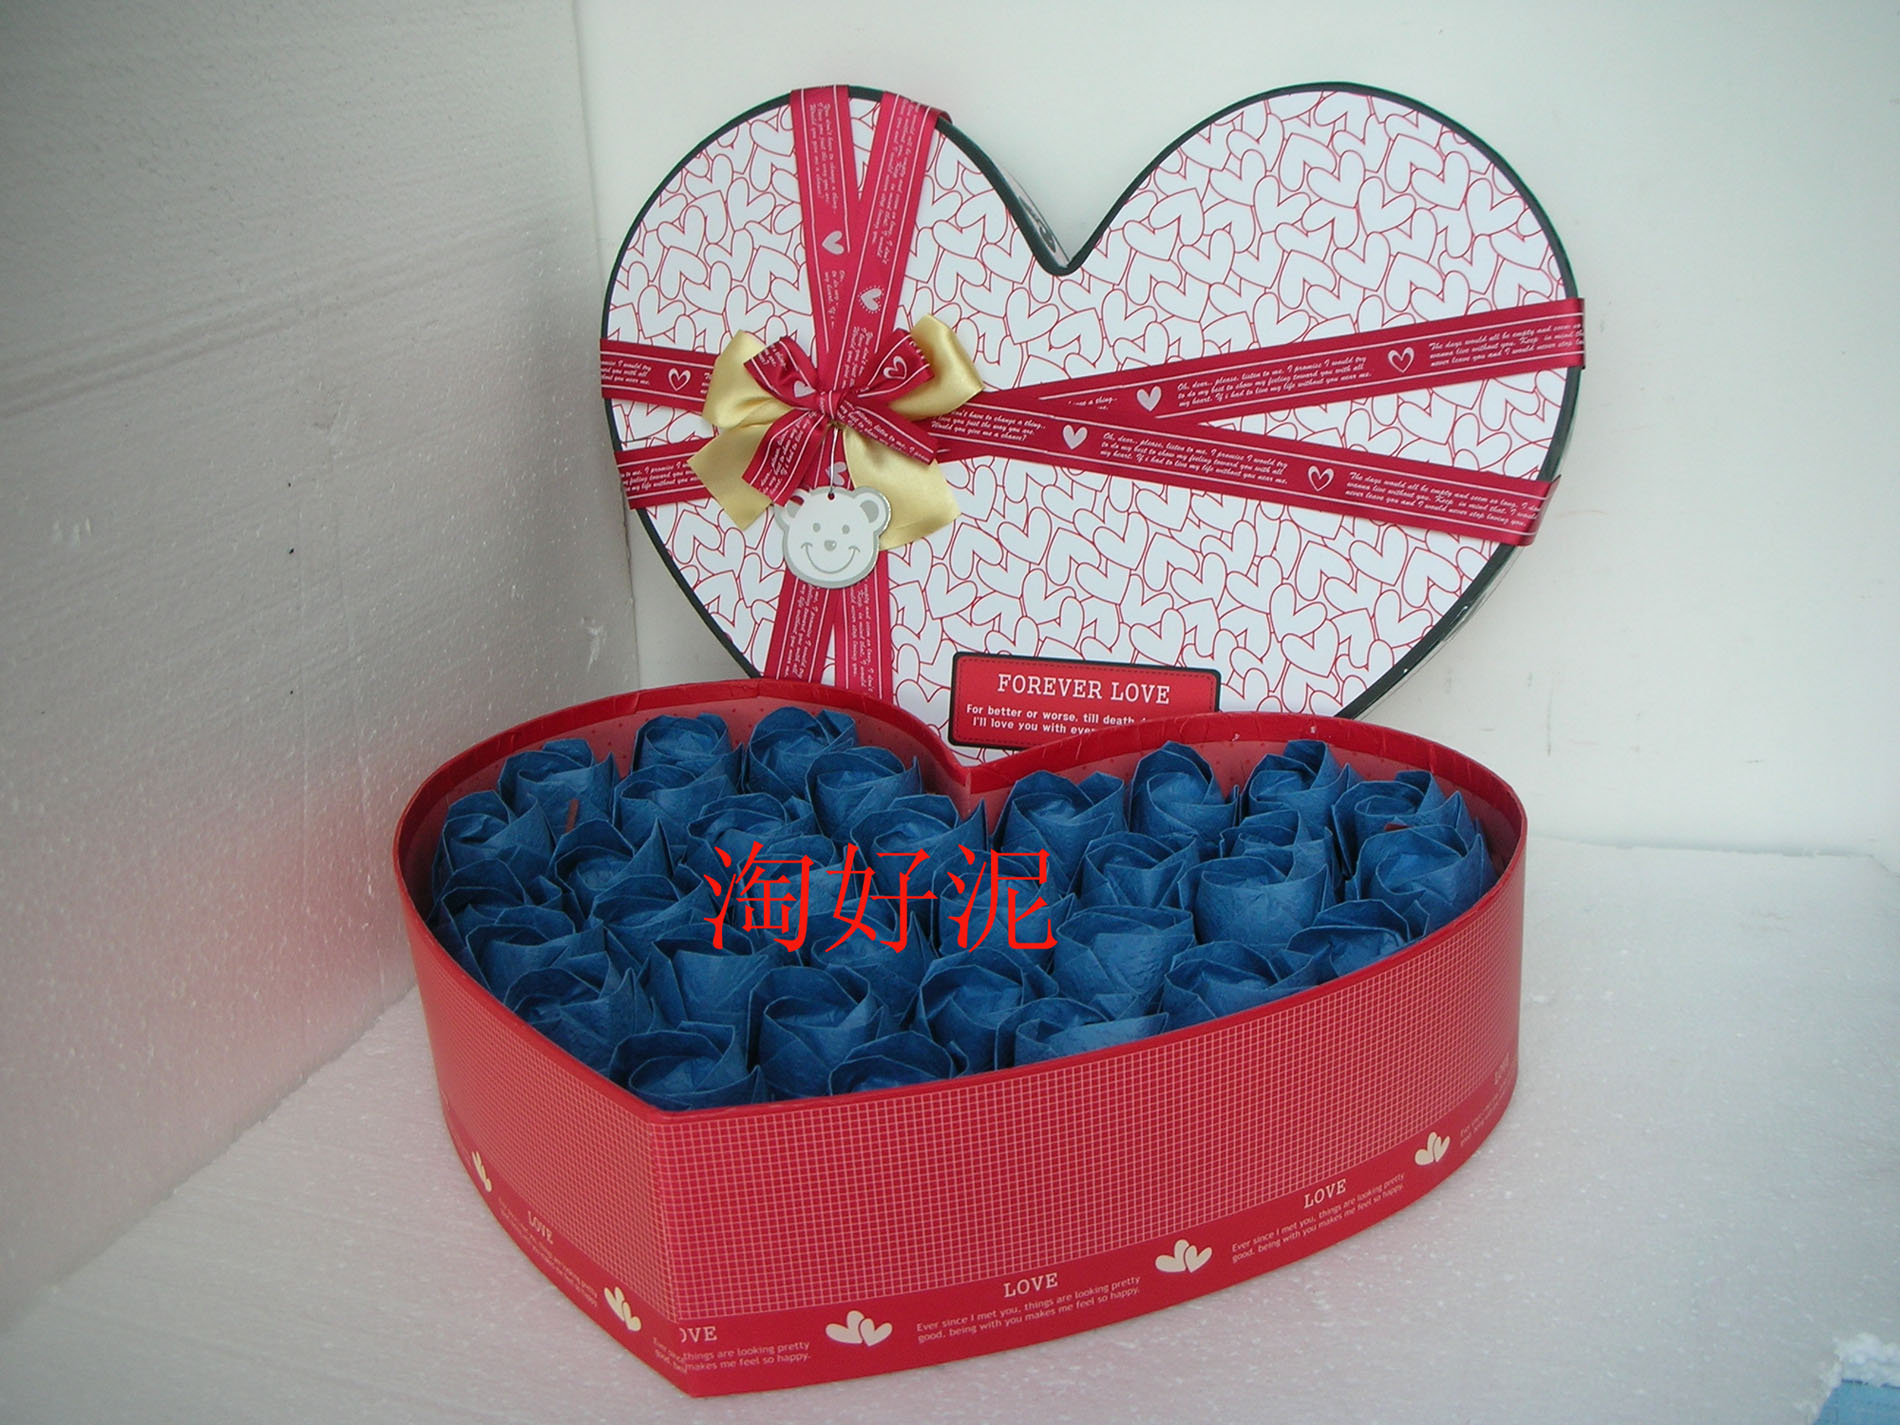 99 цветок, бутон kawasaki роуз роз kawasaki роуз конечный продукт 99 цветок, бутон один цветок бутон 144 розы